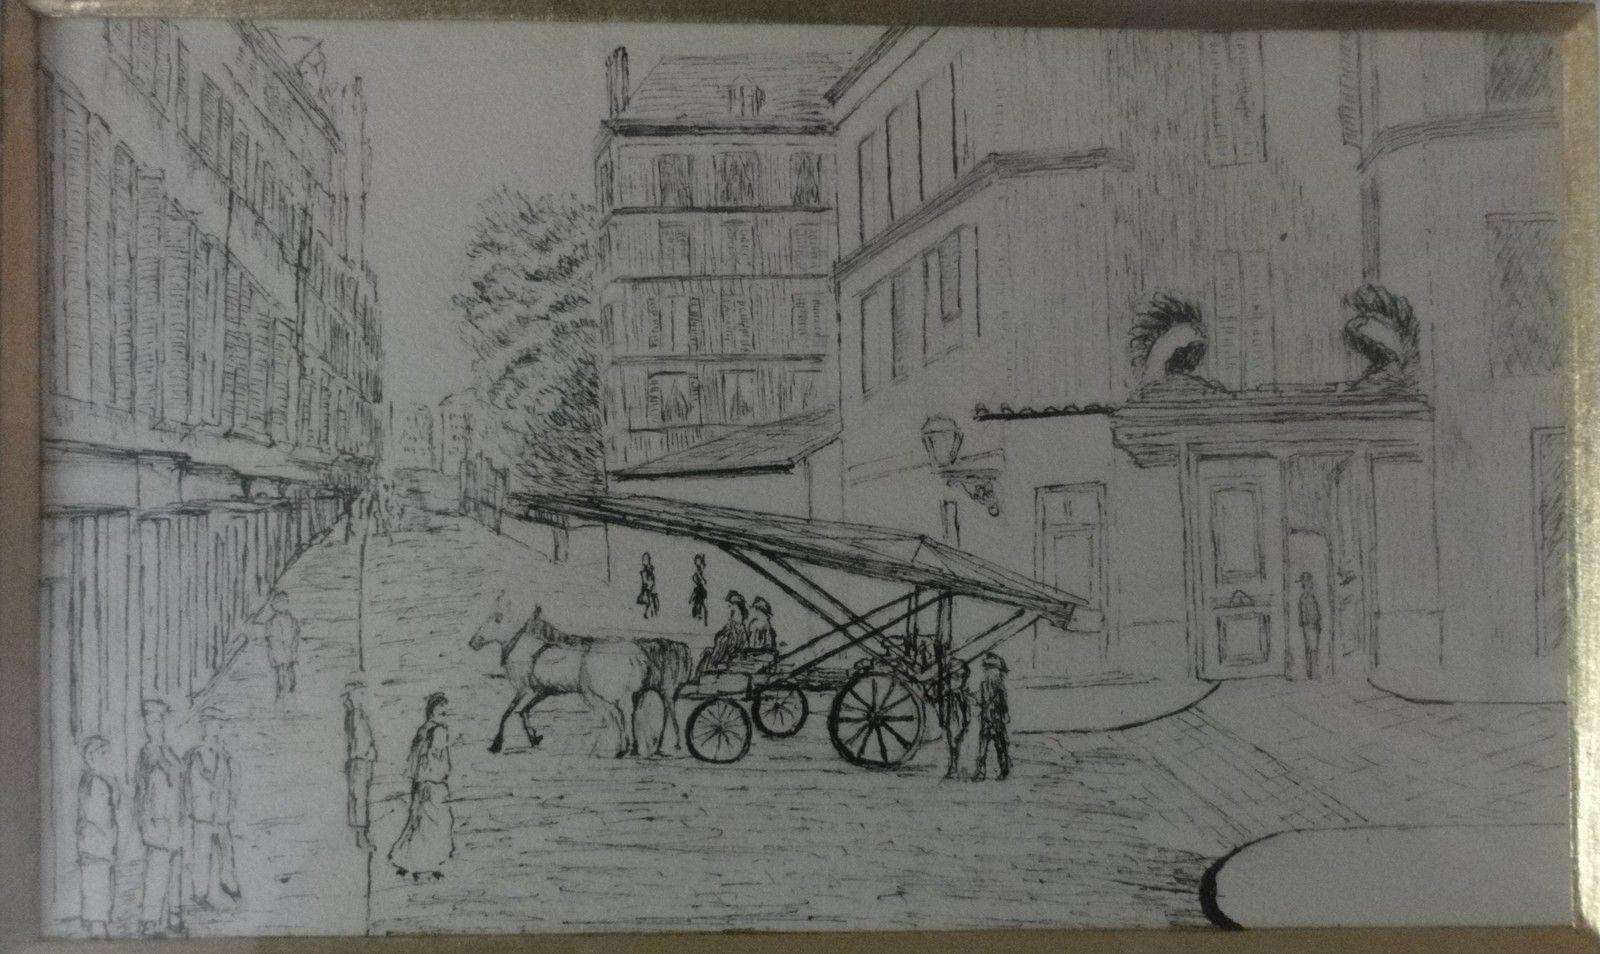 dessin a l'encre représentant l'ancienne caserne des sapeurs pompiers du Havre